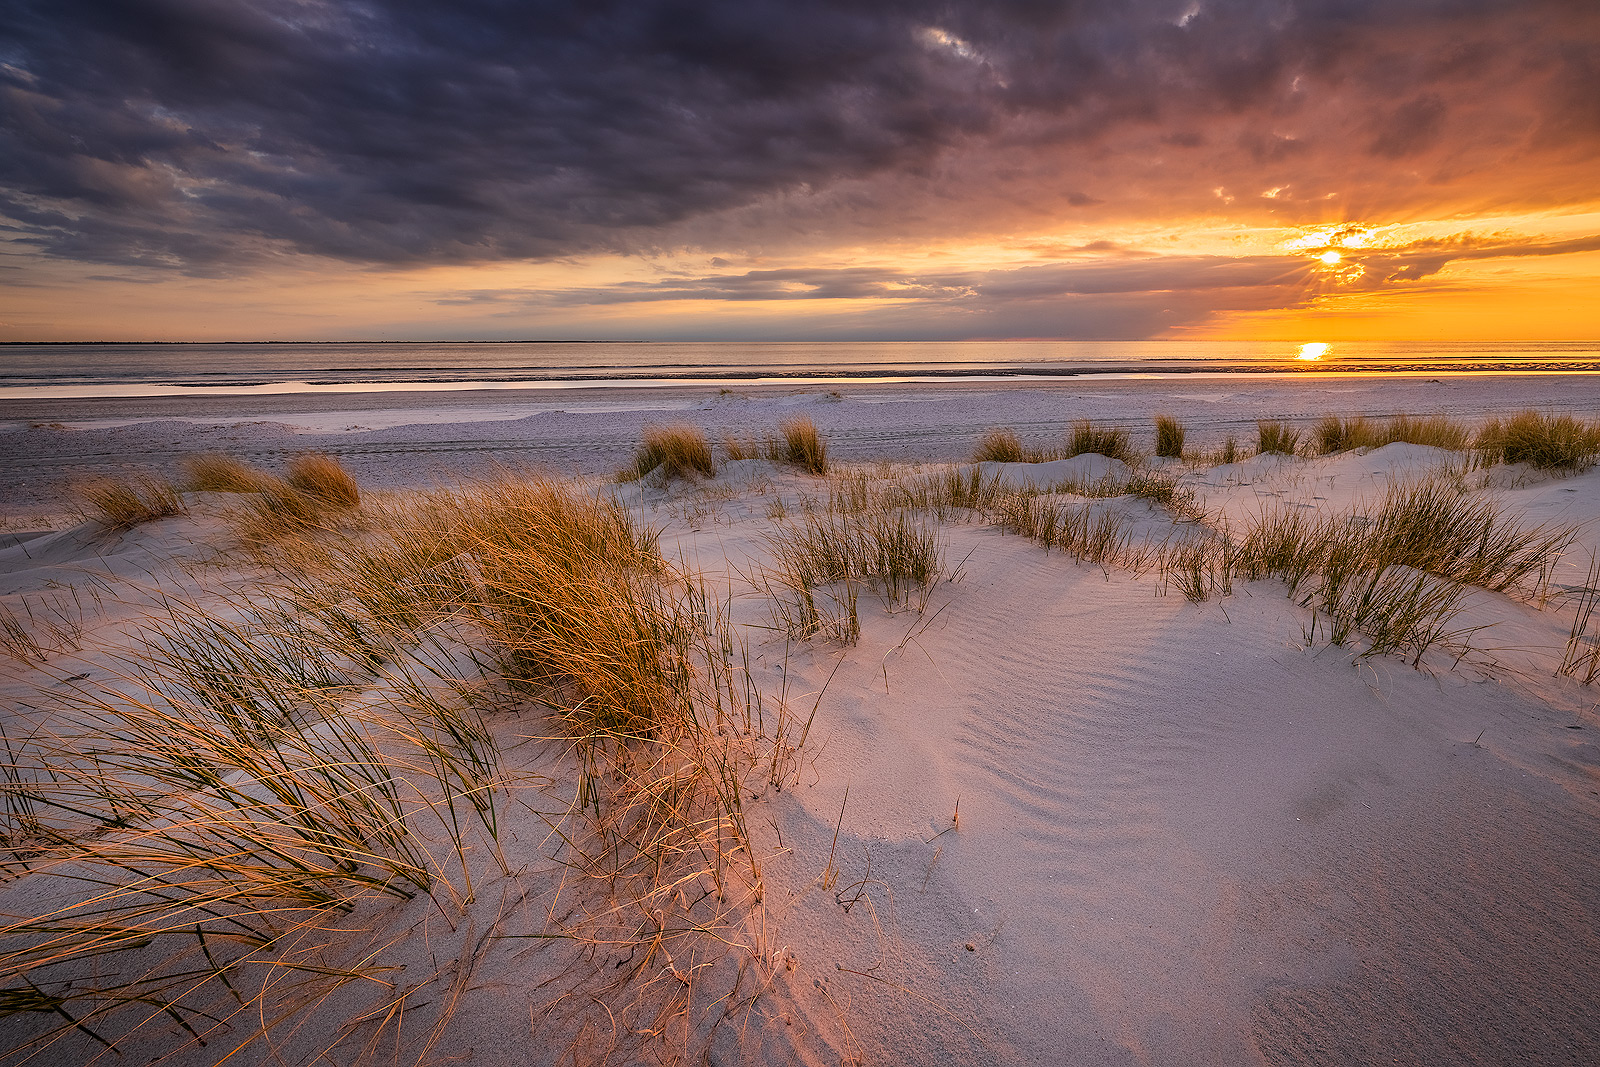 Zonsondergang op het strand van Westerschouwen op Schouwen-Duivenland in Zeeland met duinen op de voorgrond. Avondrood kleurt de lucht en geeft het landschap een prachtige sfeer.